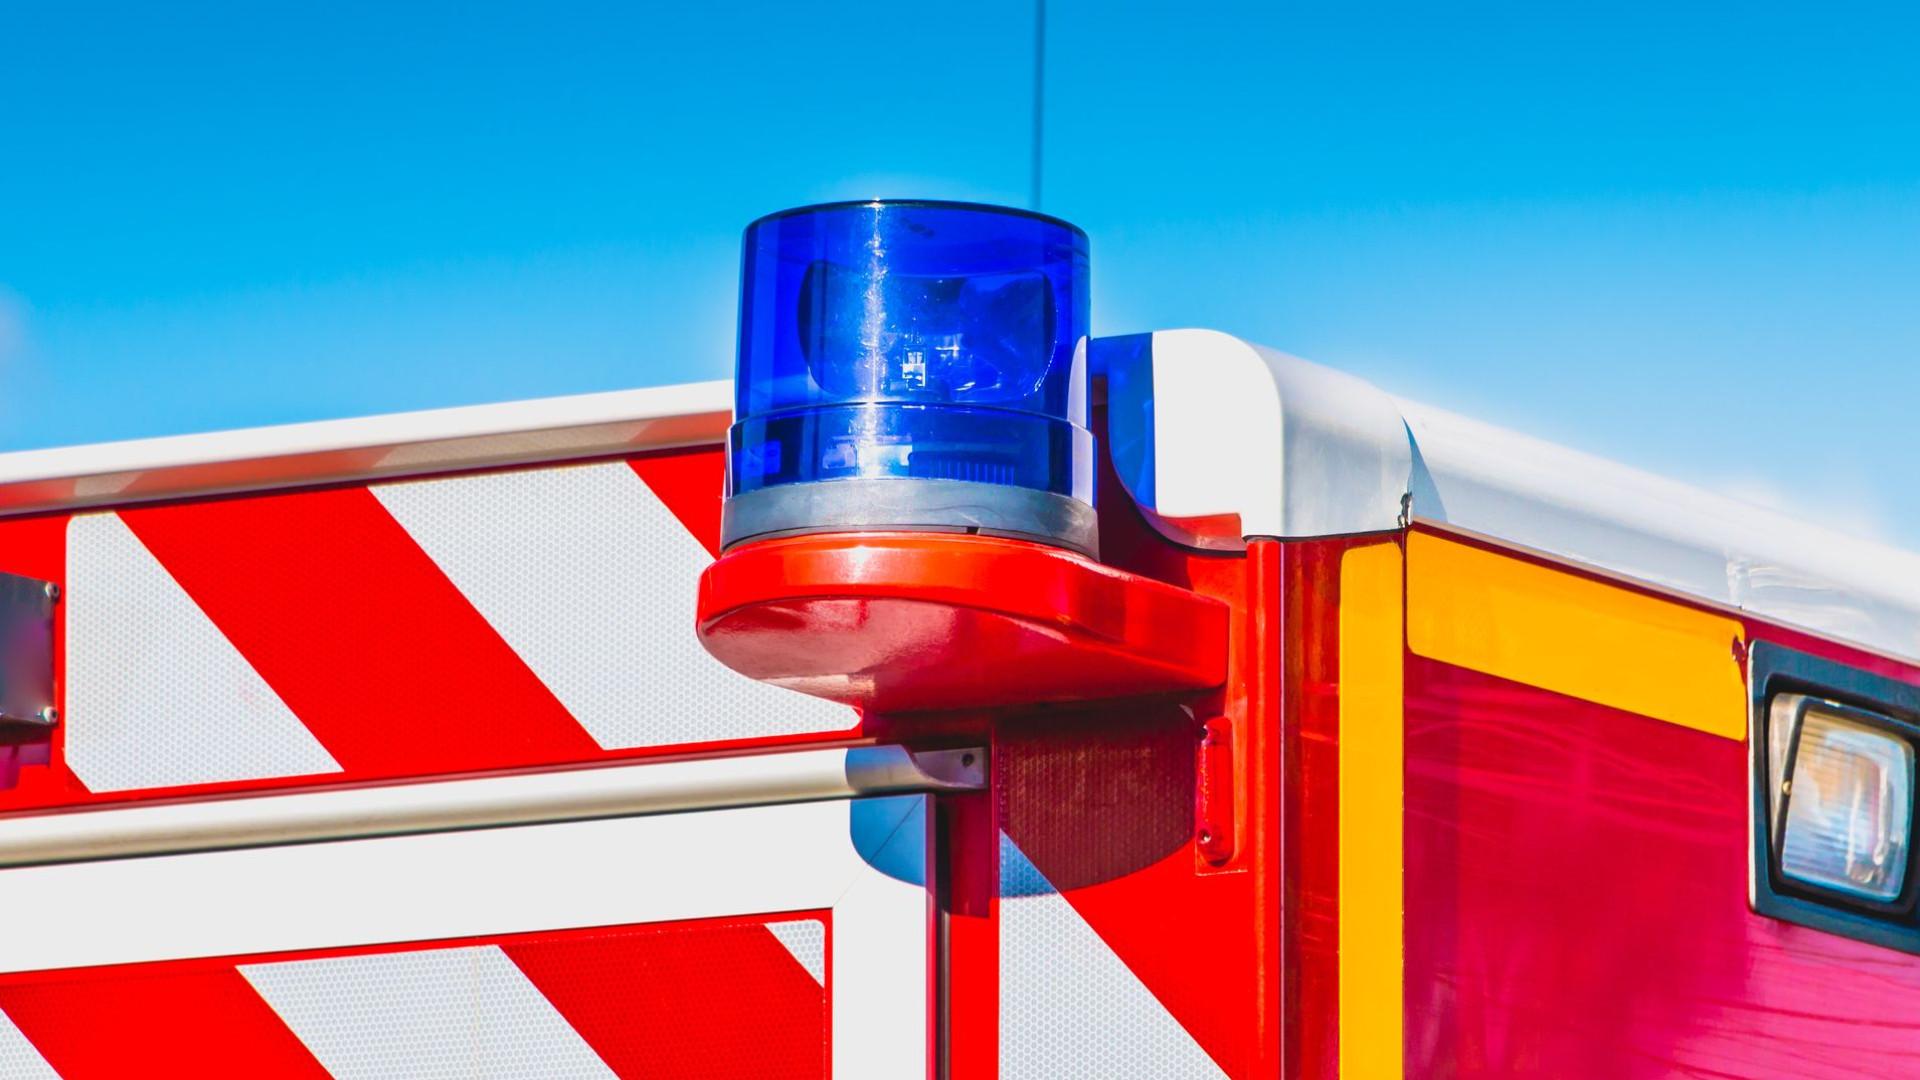 Vigo: Pelo menos quatro feridos graves em queda de plataforma em festival